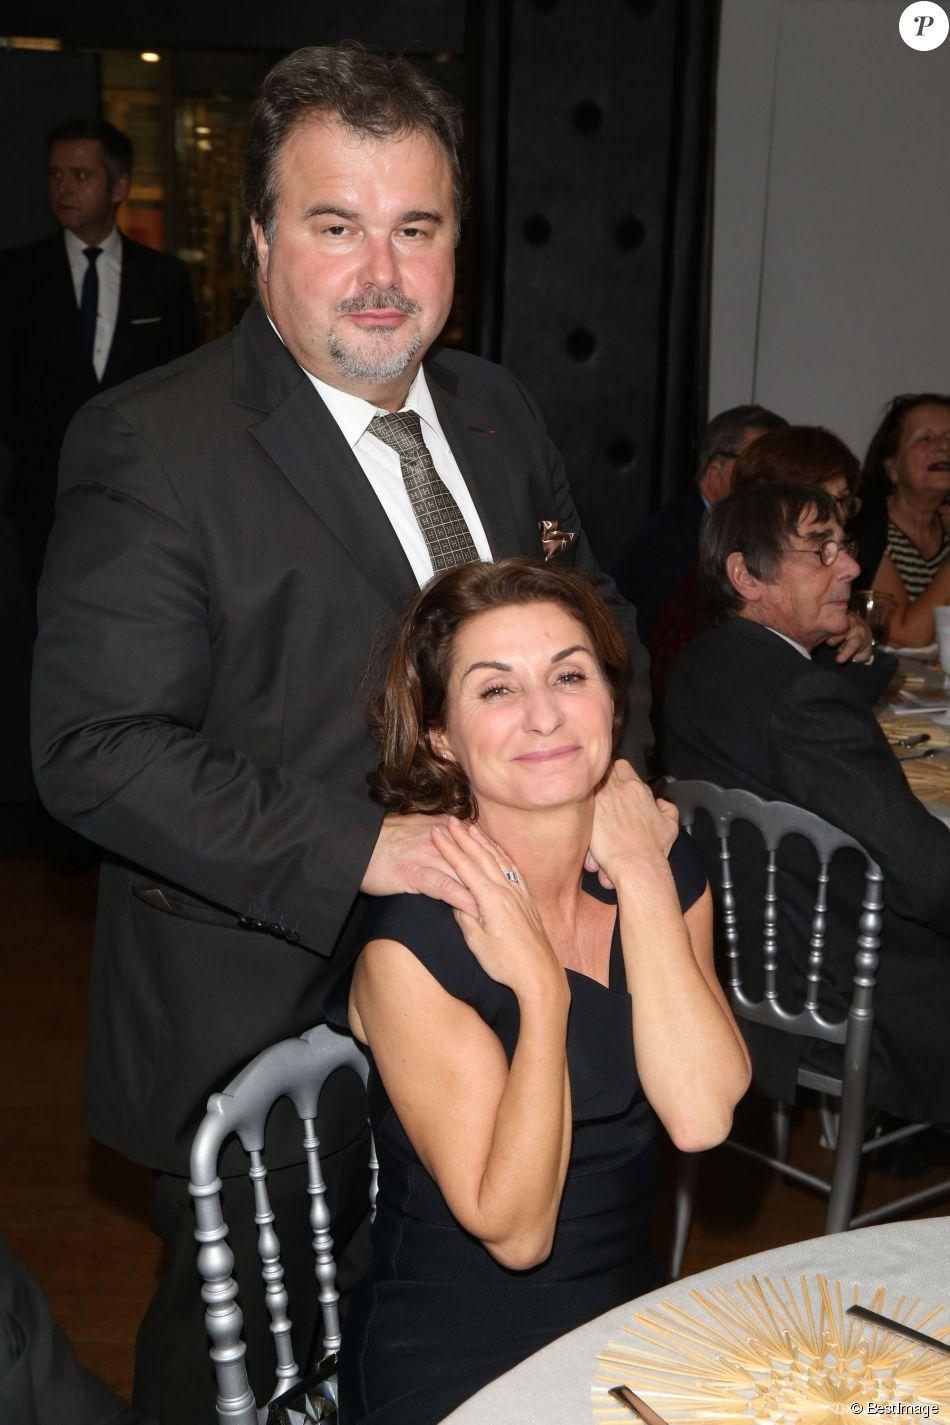 Pierre Hermé Et Sa Compagne Valérie Franceschi La 19ème